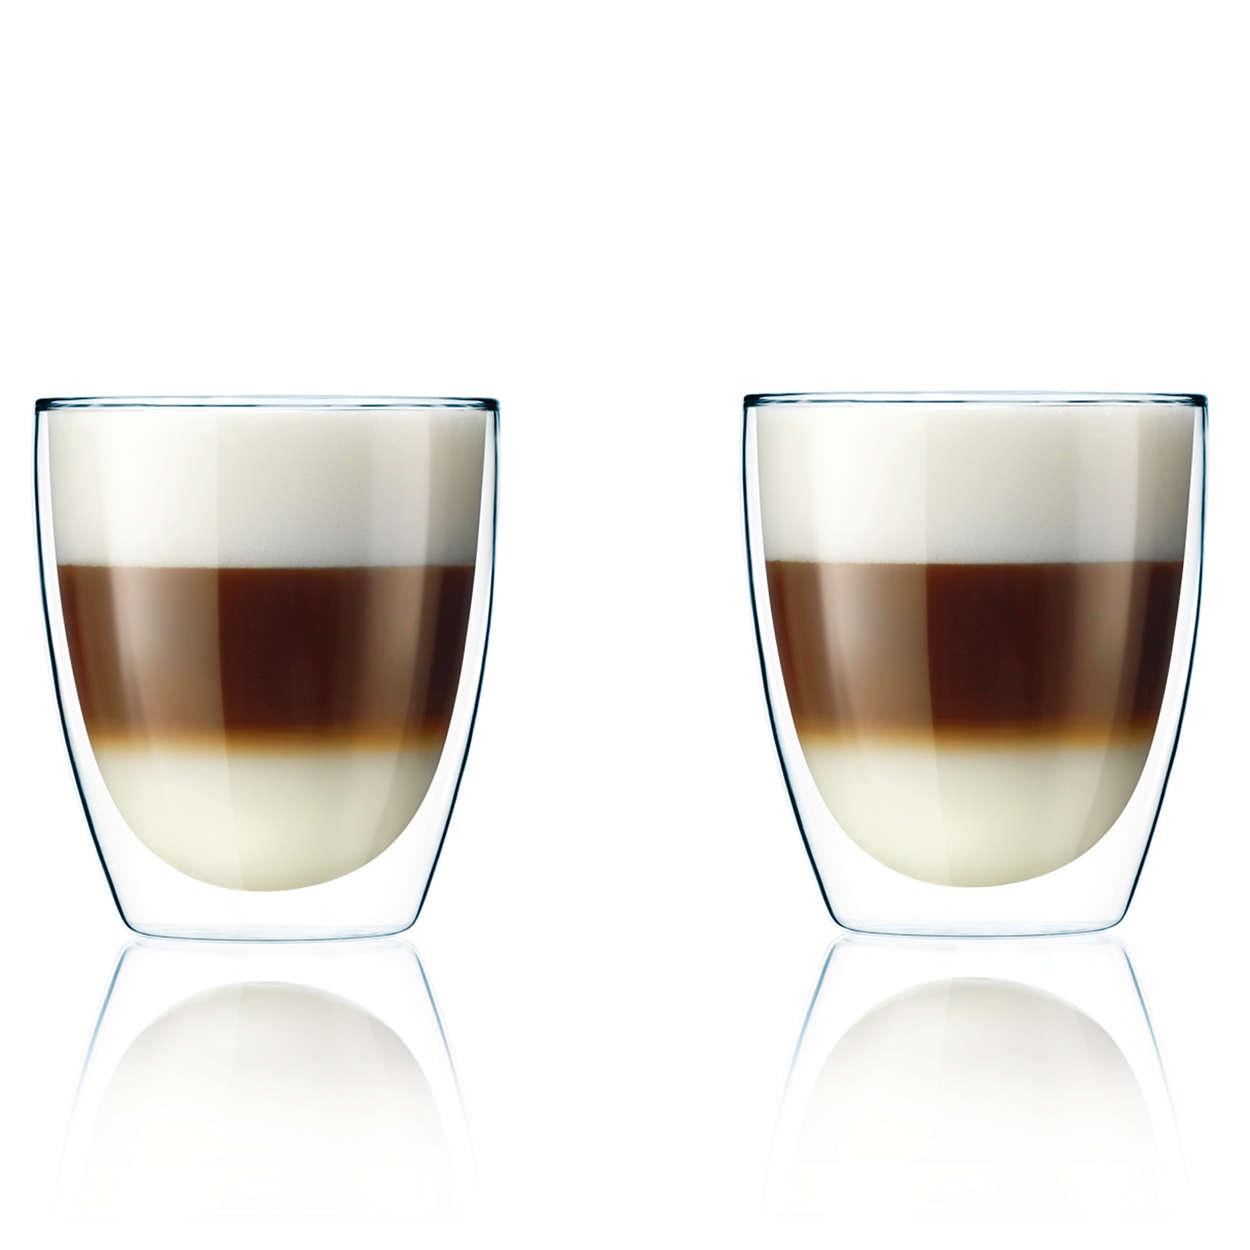 Dokonalá ochrana vášho espresso kávovaru Saeco